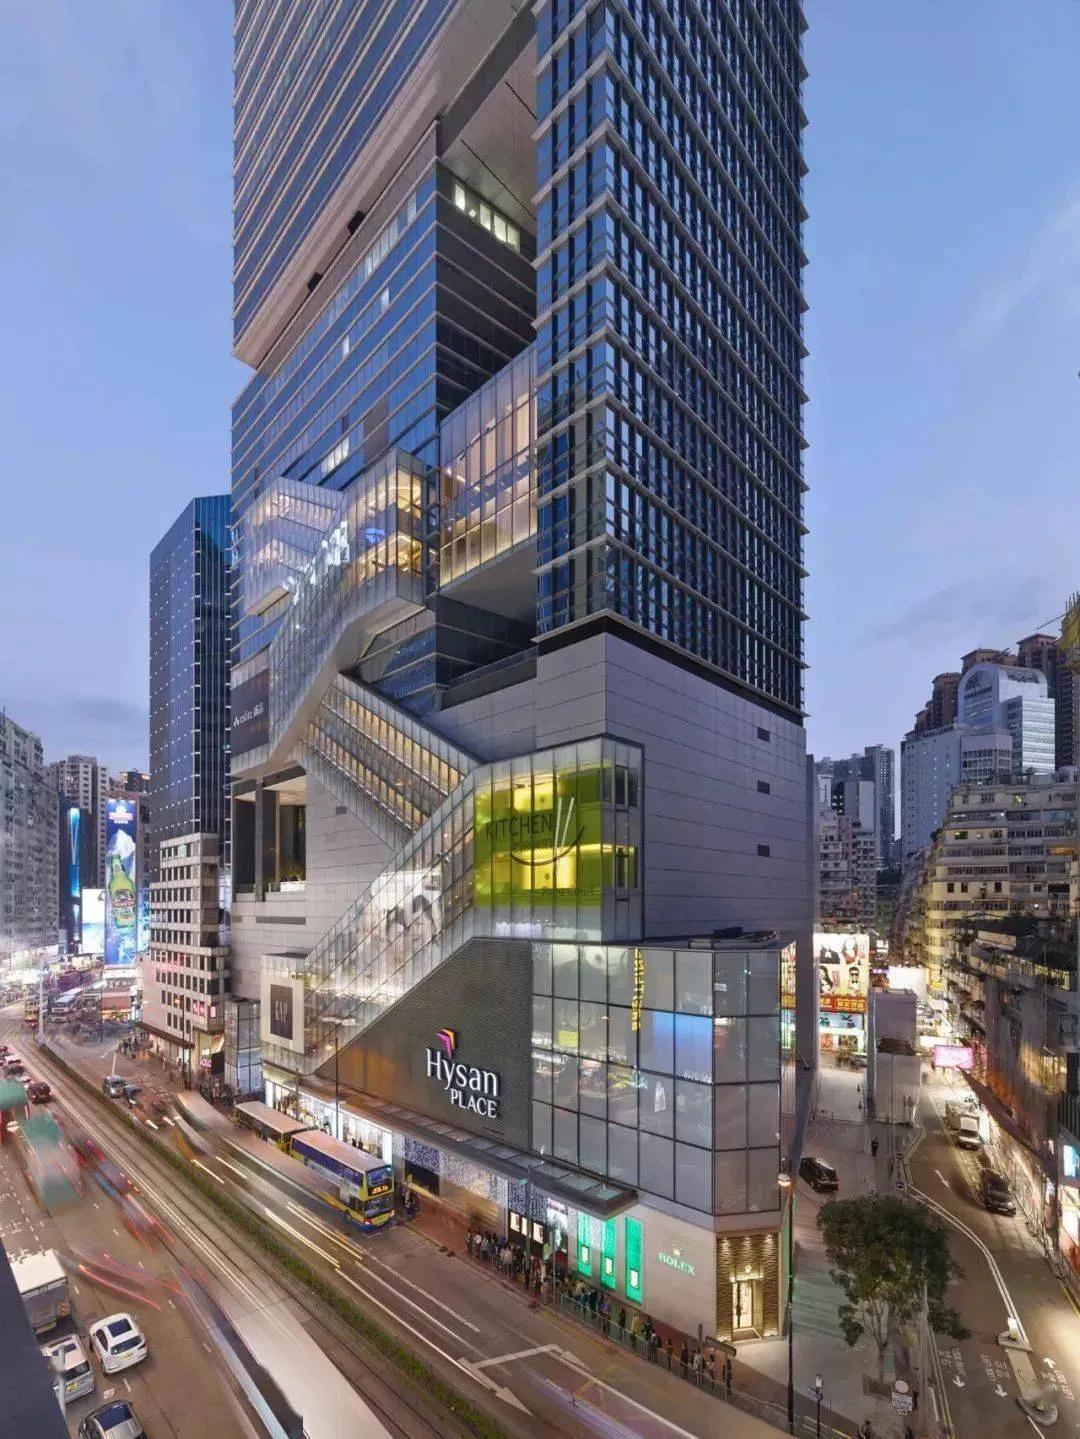 17层高的购物中心 如何做到客流